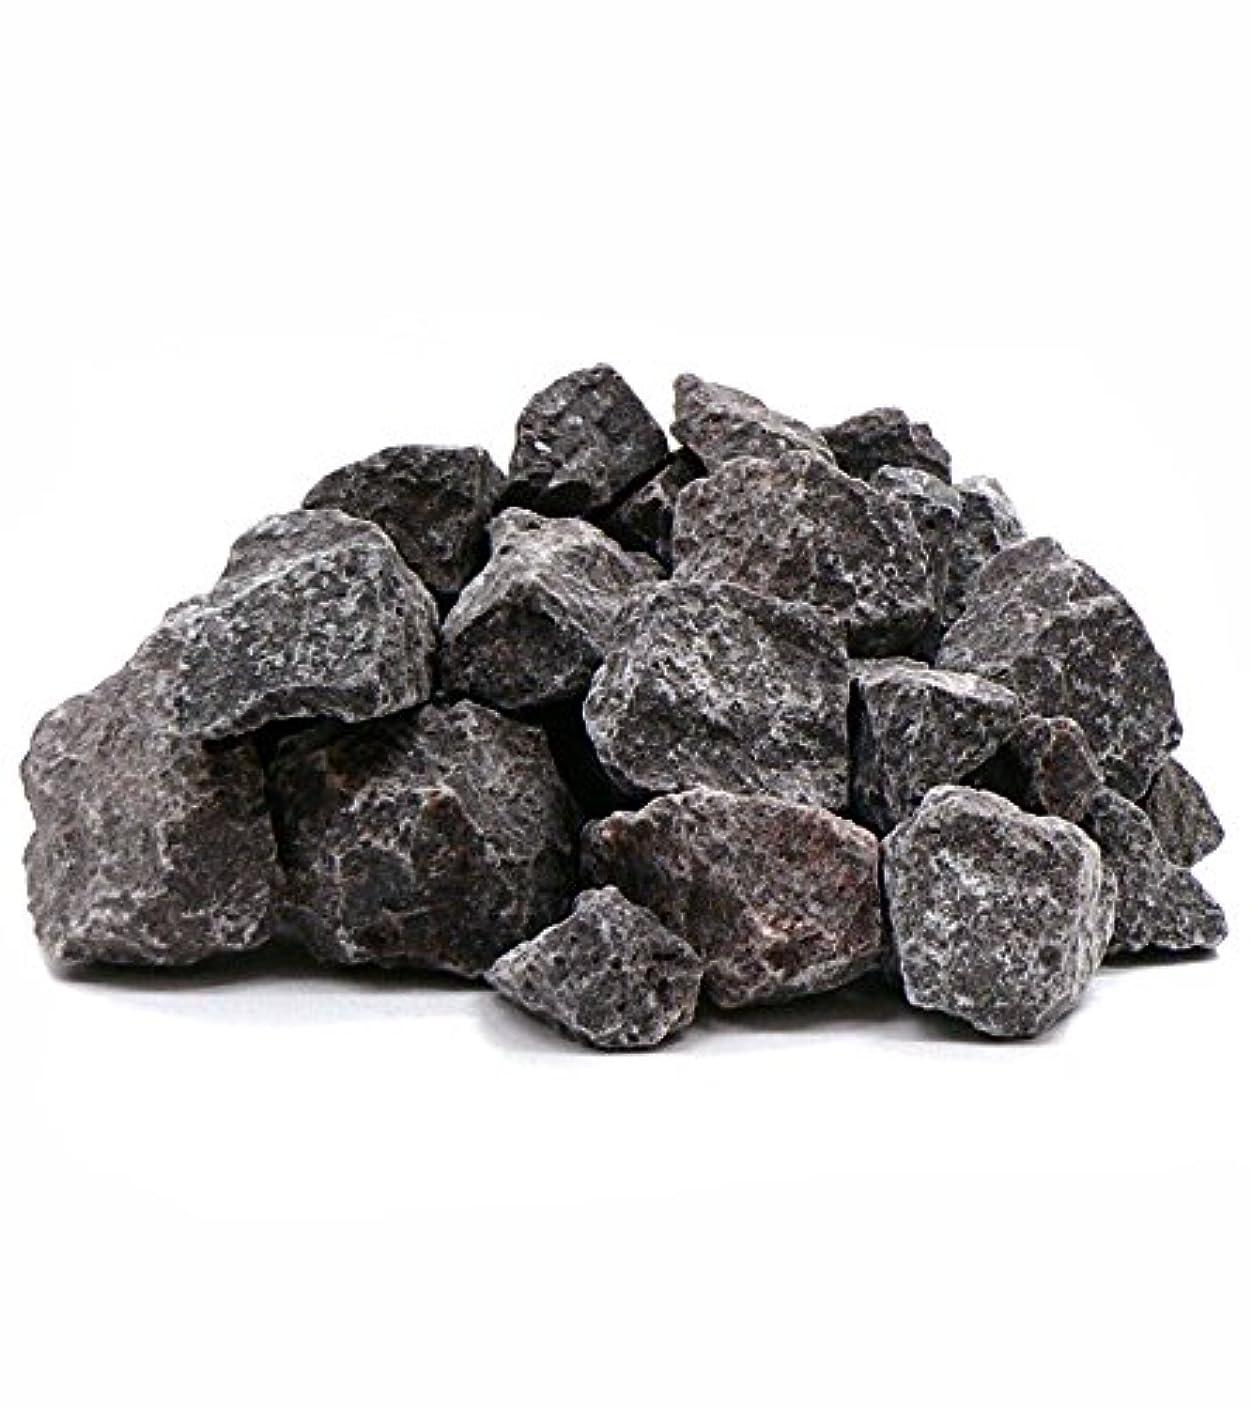 資本散文センブランスヒマラヤ岩塩 ブラックソルト 入浴用 バスソルト(塊?ブロック)2kg 黒岩塩 ブラック岩塩